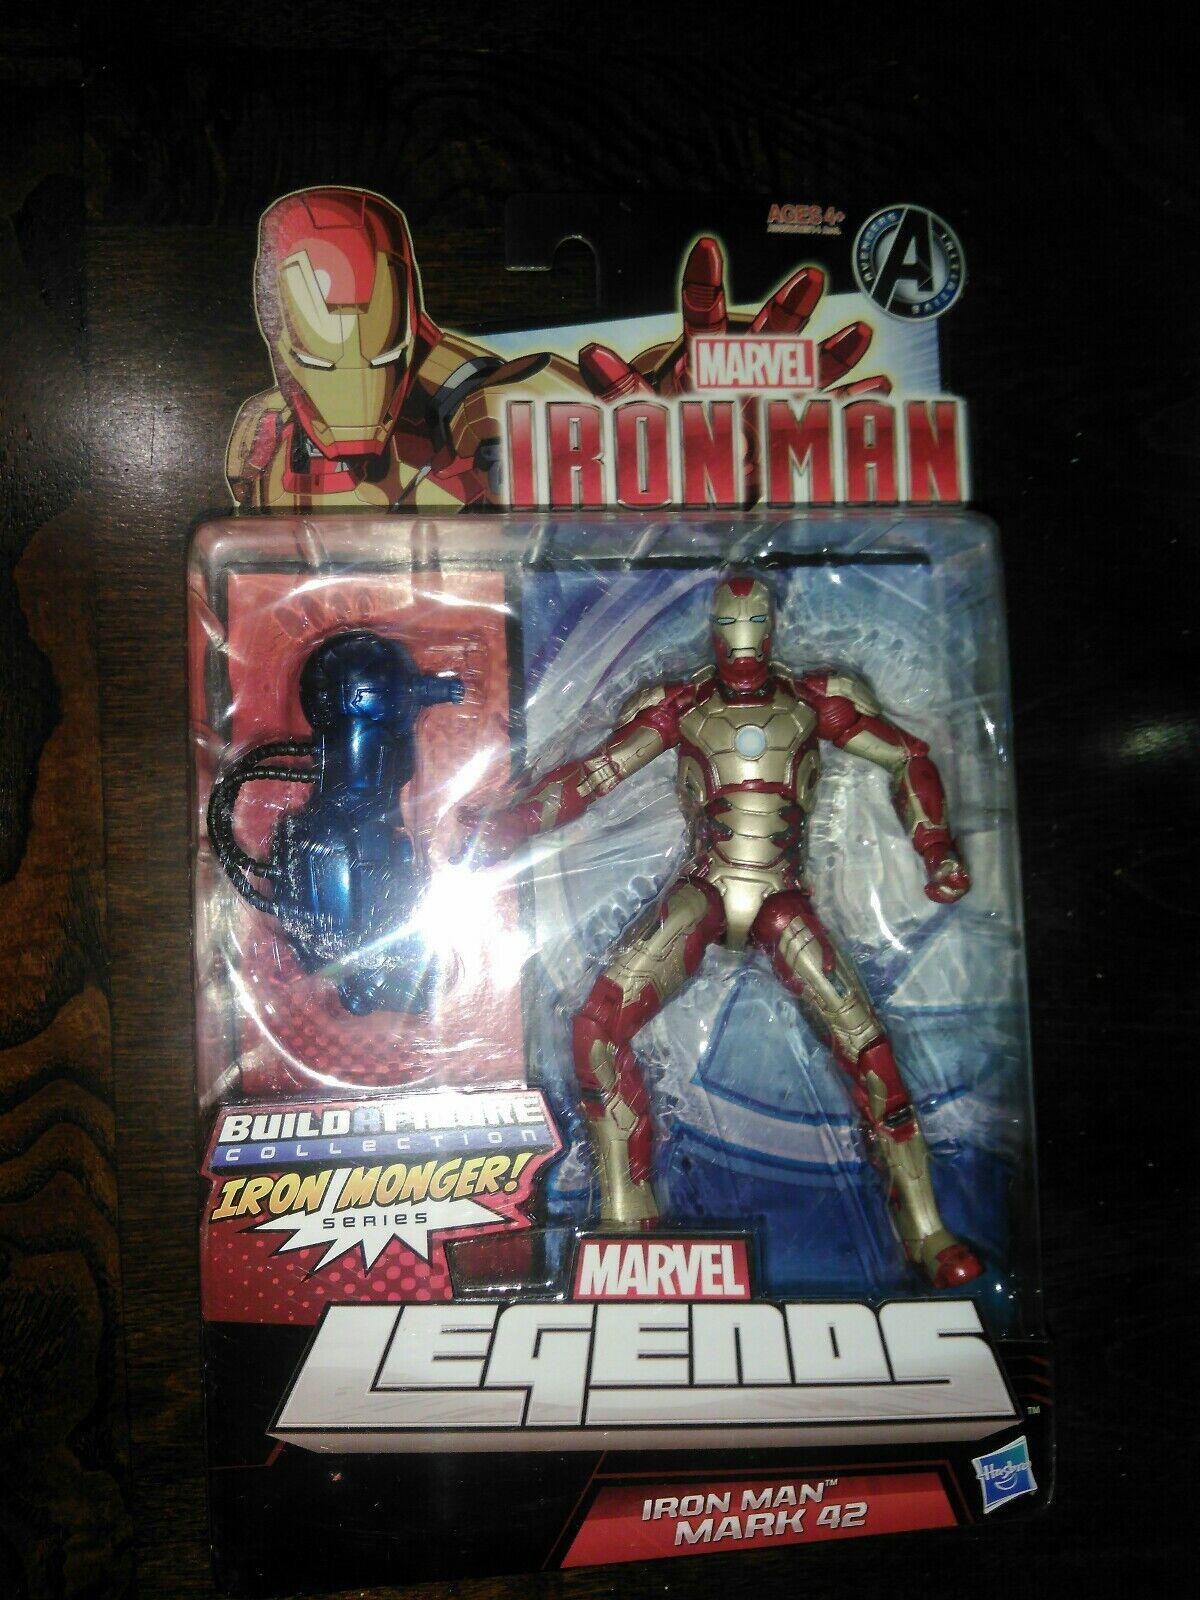 Hasbro Marvel Leyendas Iron Man Mark 42 Figura De Acción